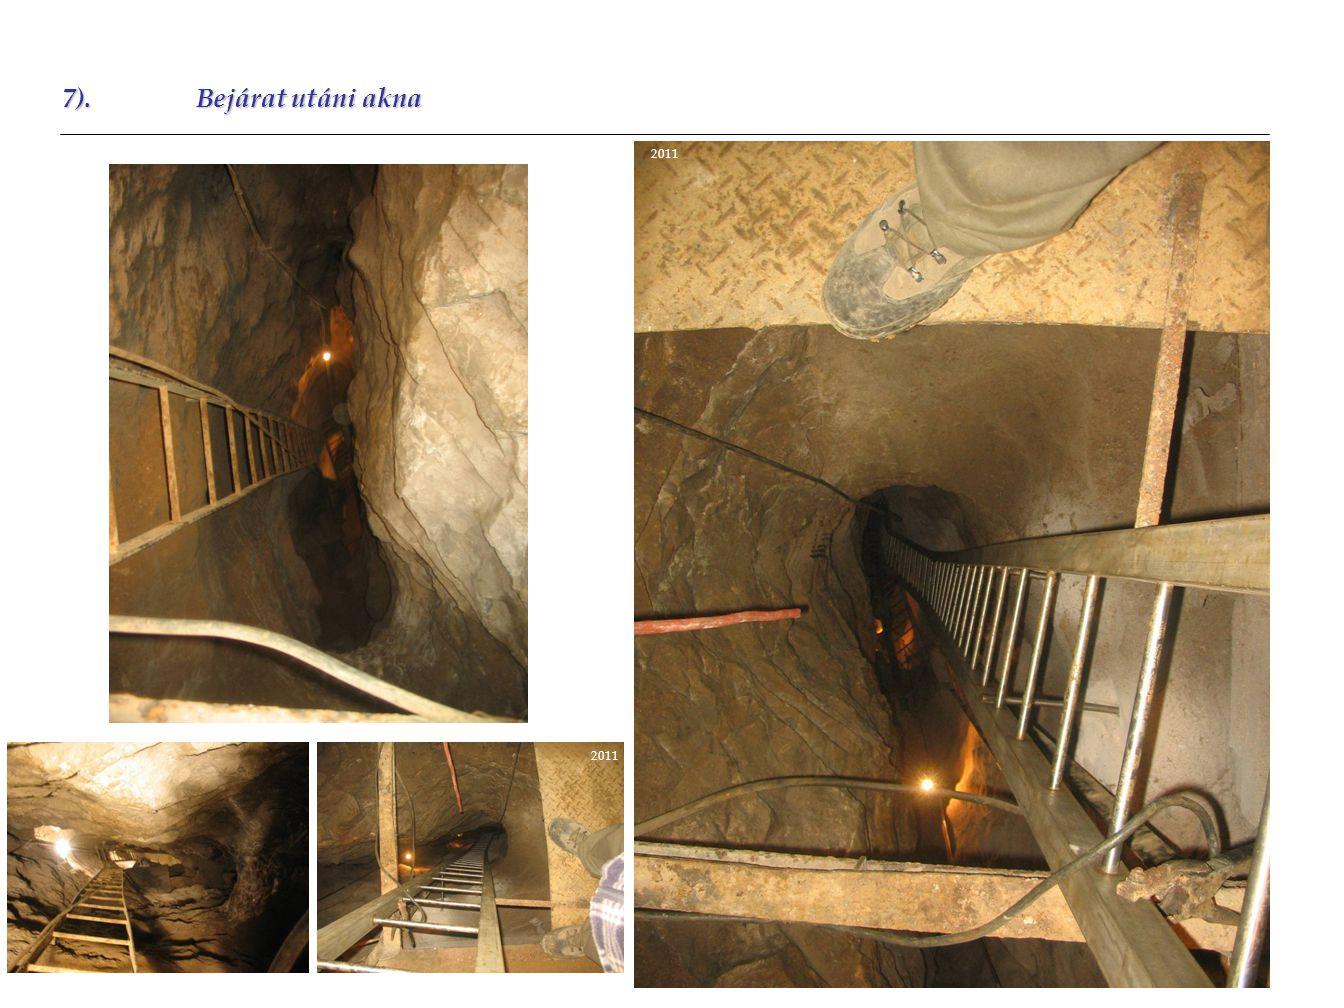 7).Bejárat utáni akna 2011